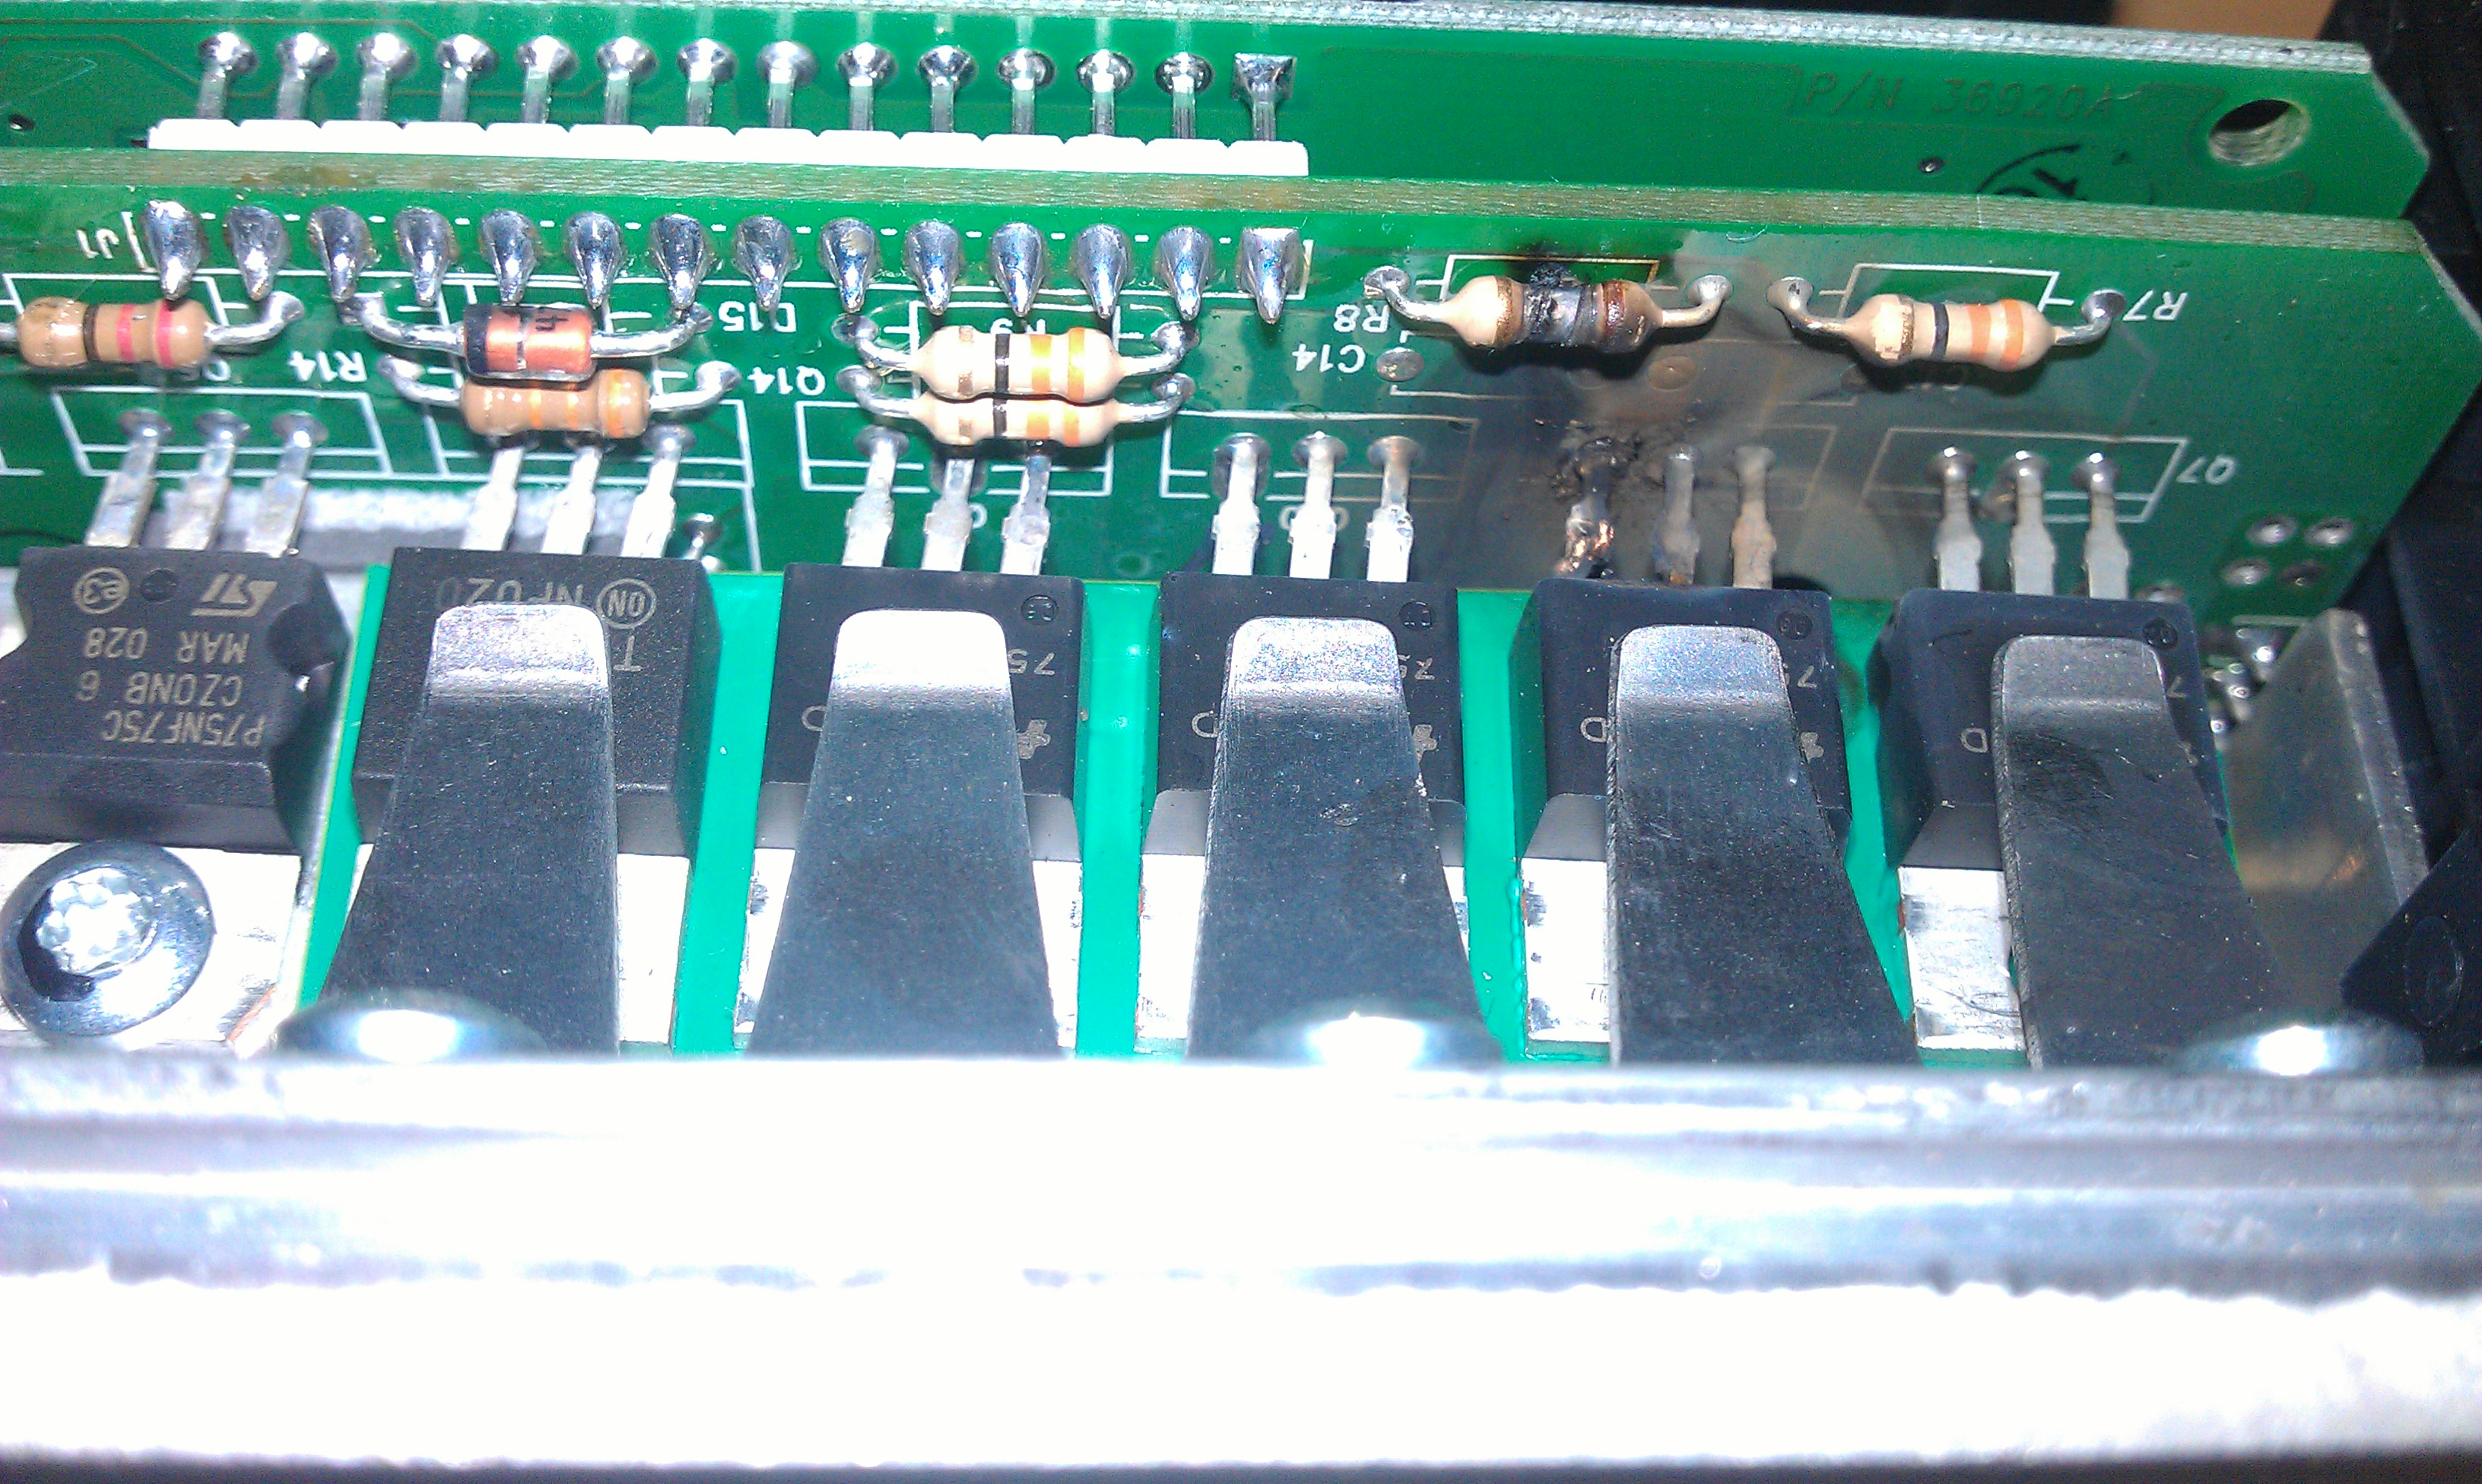 250a curtis motor controller